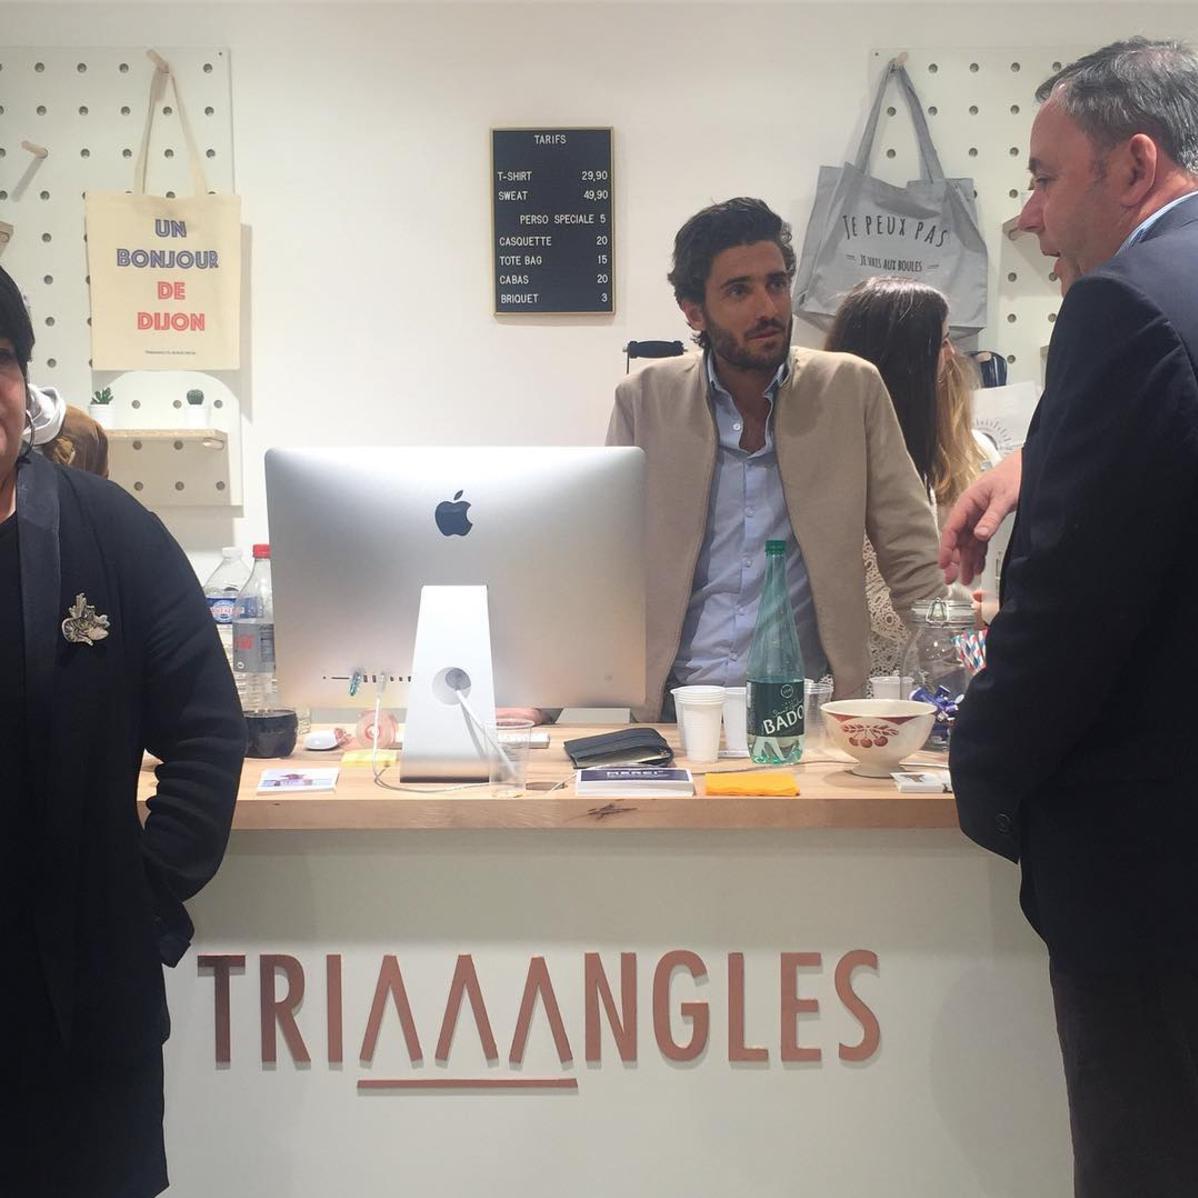 Julien Cardillo, fondateur et PDG chez Triaaangles ® en grande discussion avec M. Groz, papa de Célestin qui lance sa boutique à Dijon.